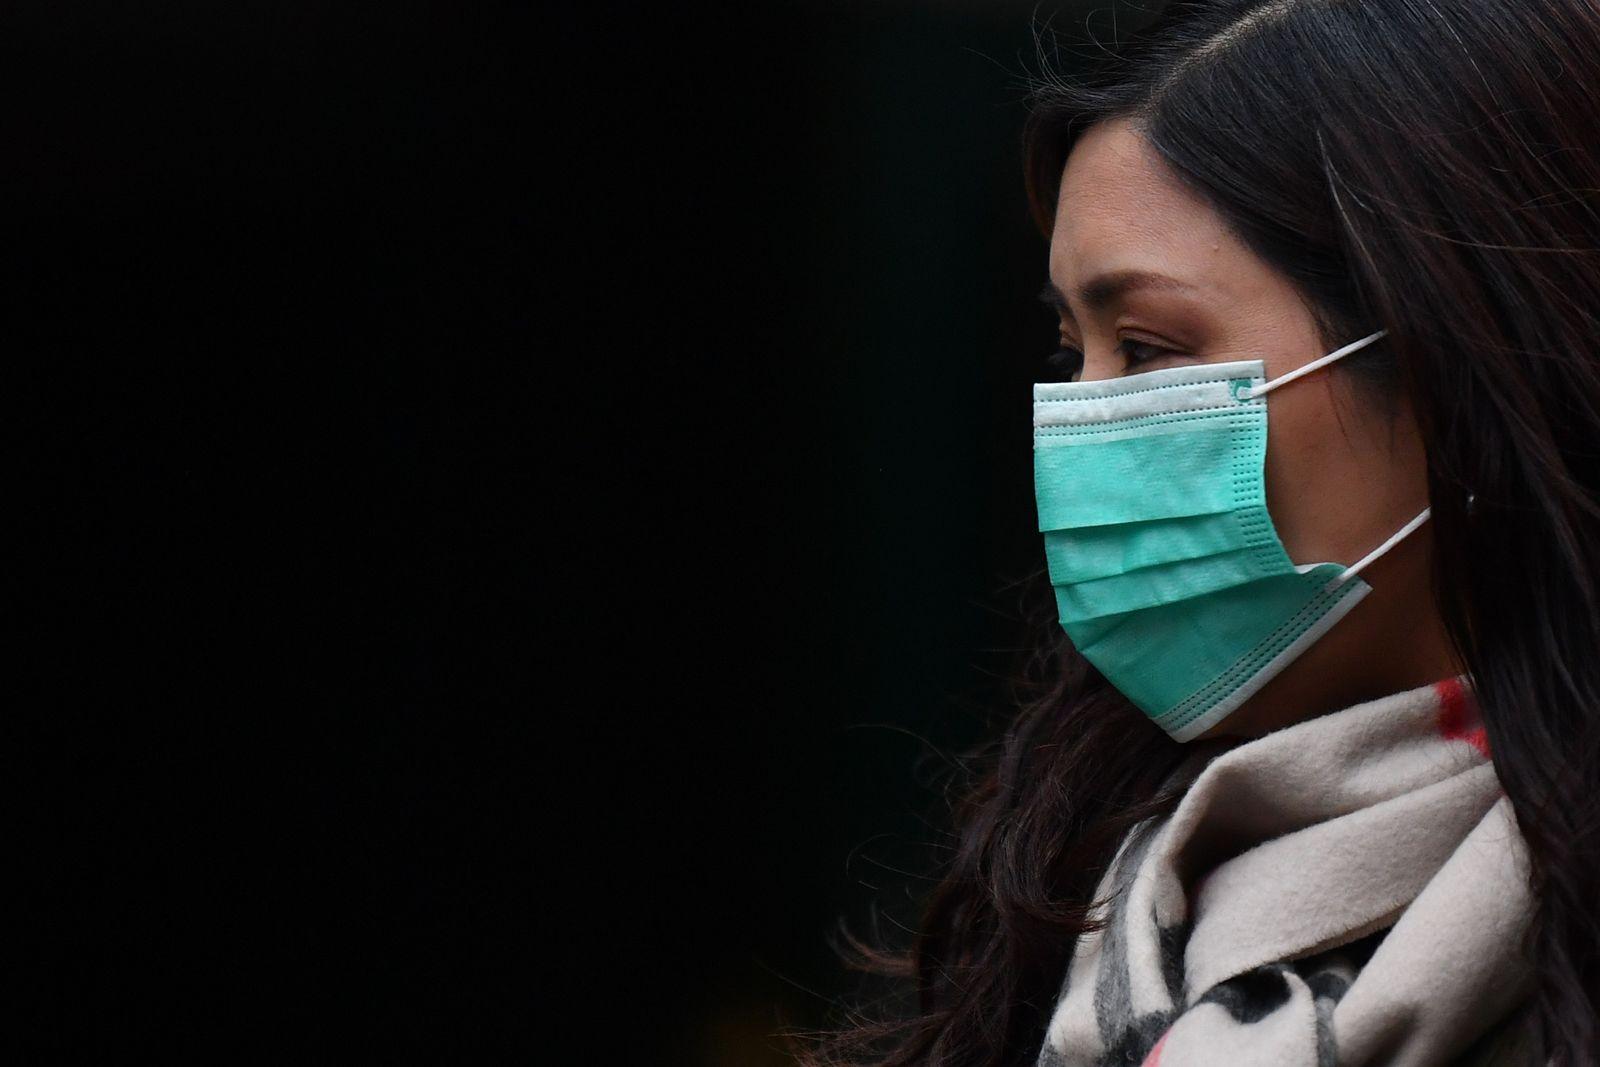 BRITAIN-CHINA-HEALTH